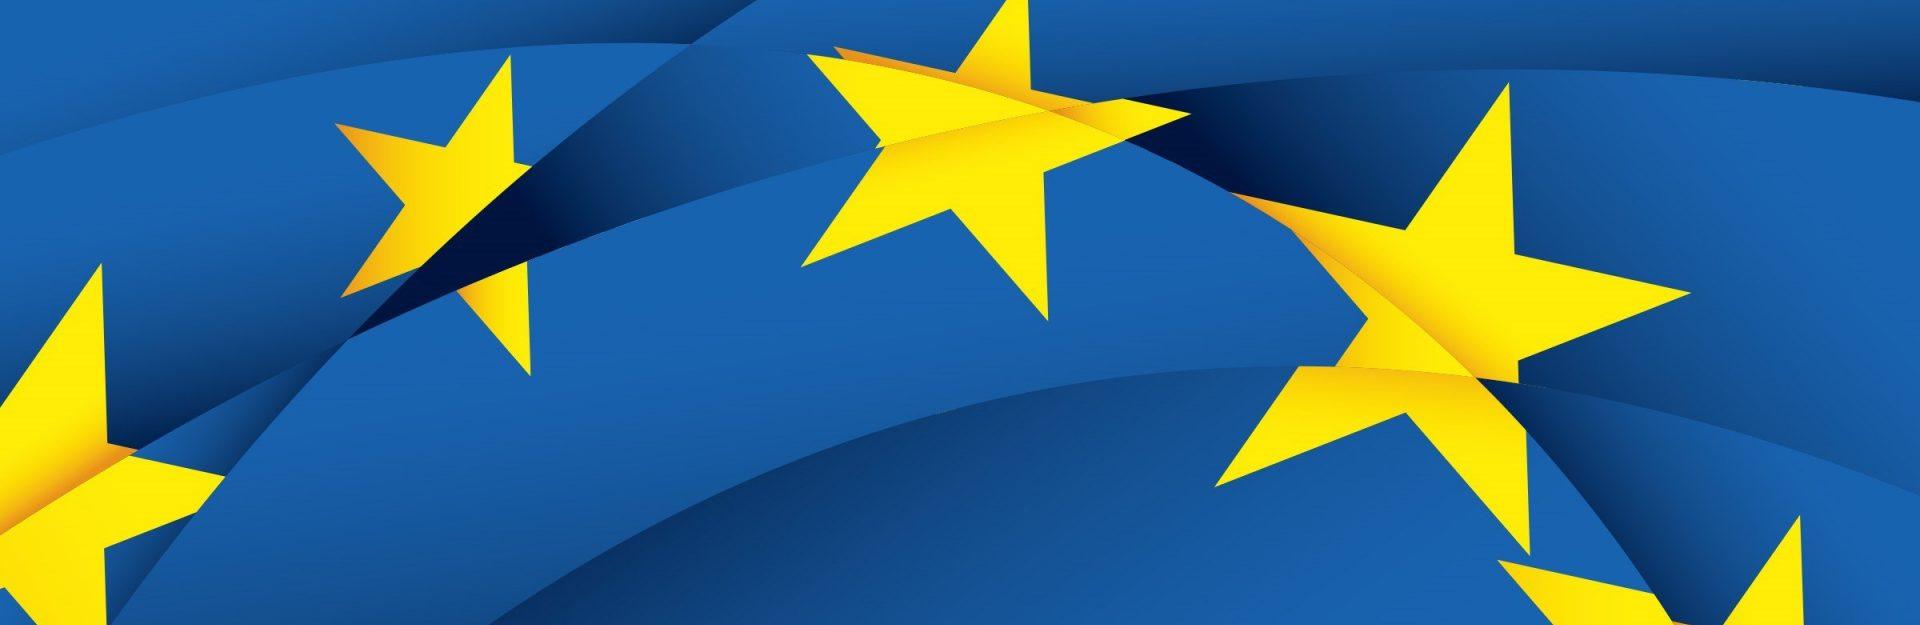 Gelbe EU Sterne auf blauen Hintergrund